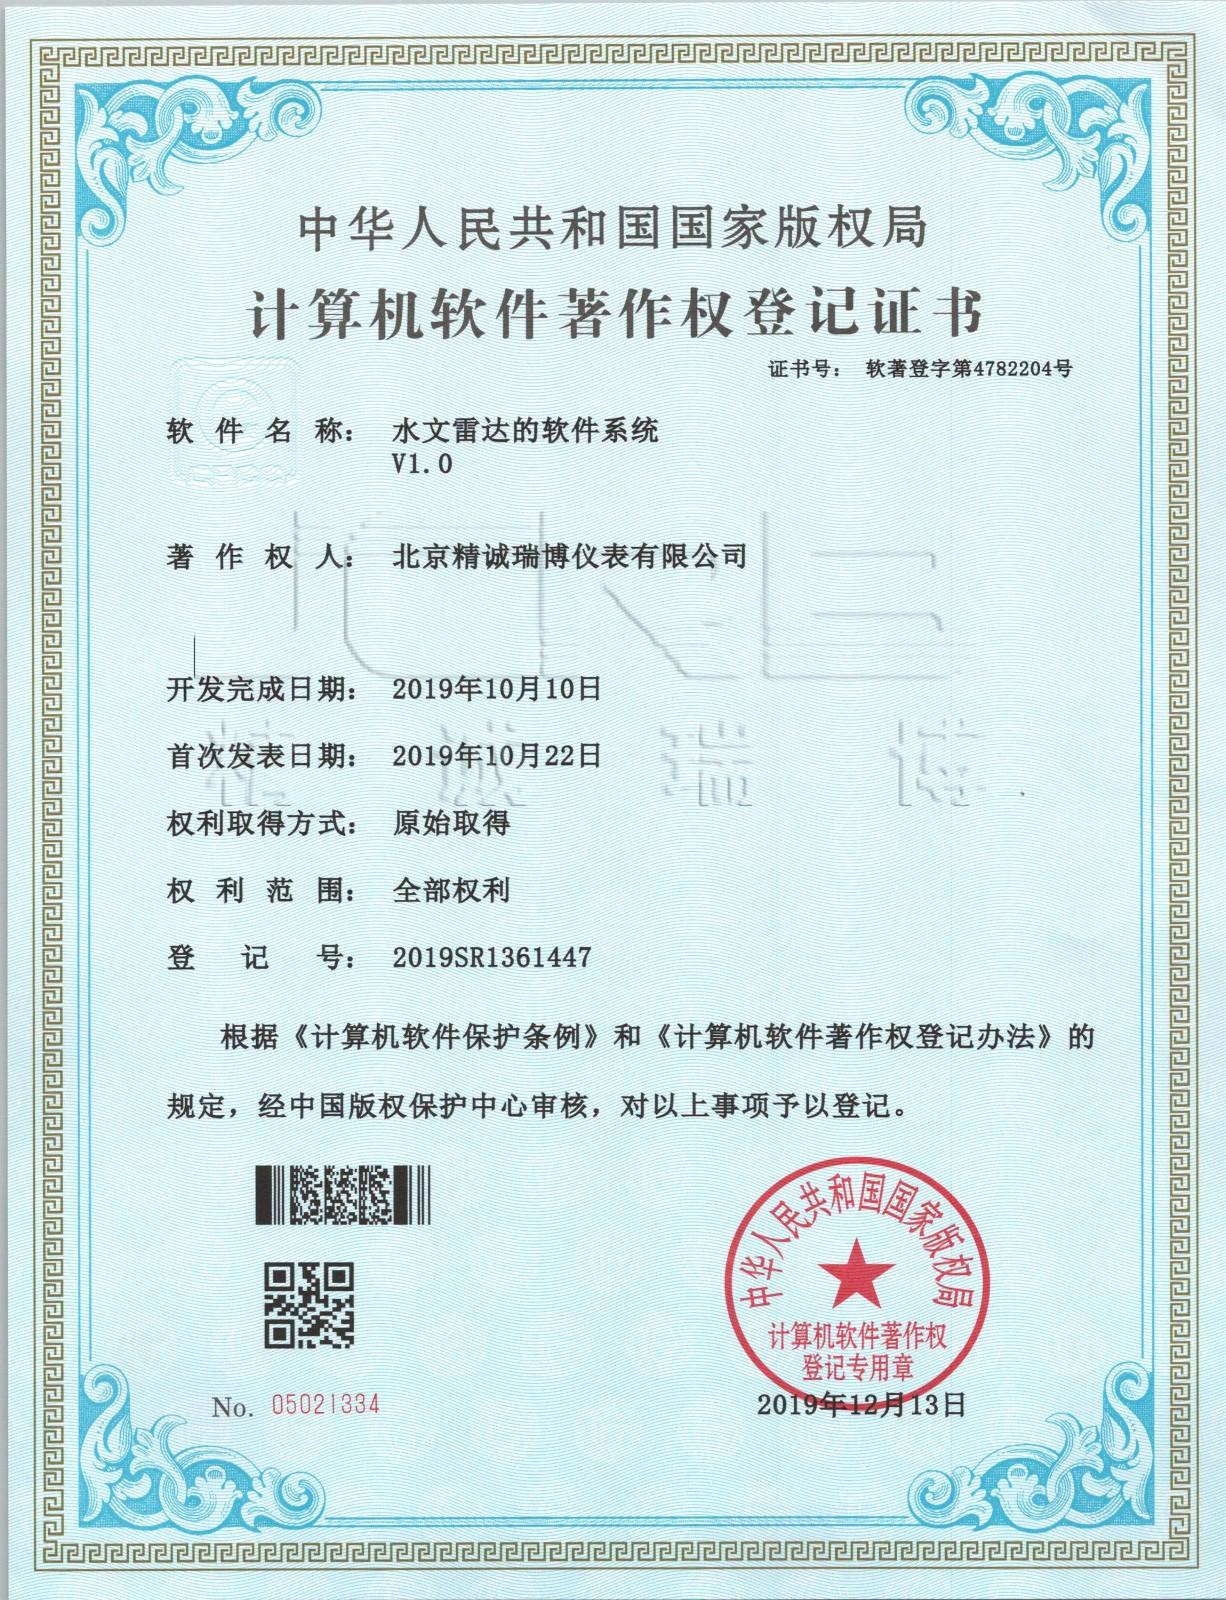 水文雷达软件系统著作证书